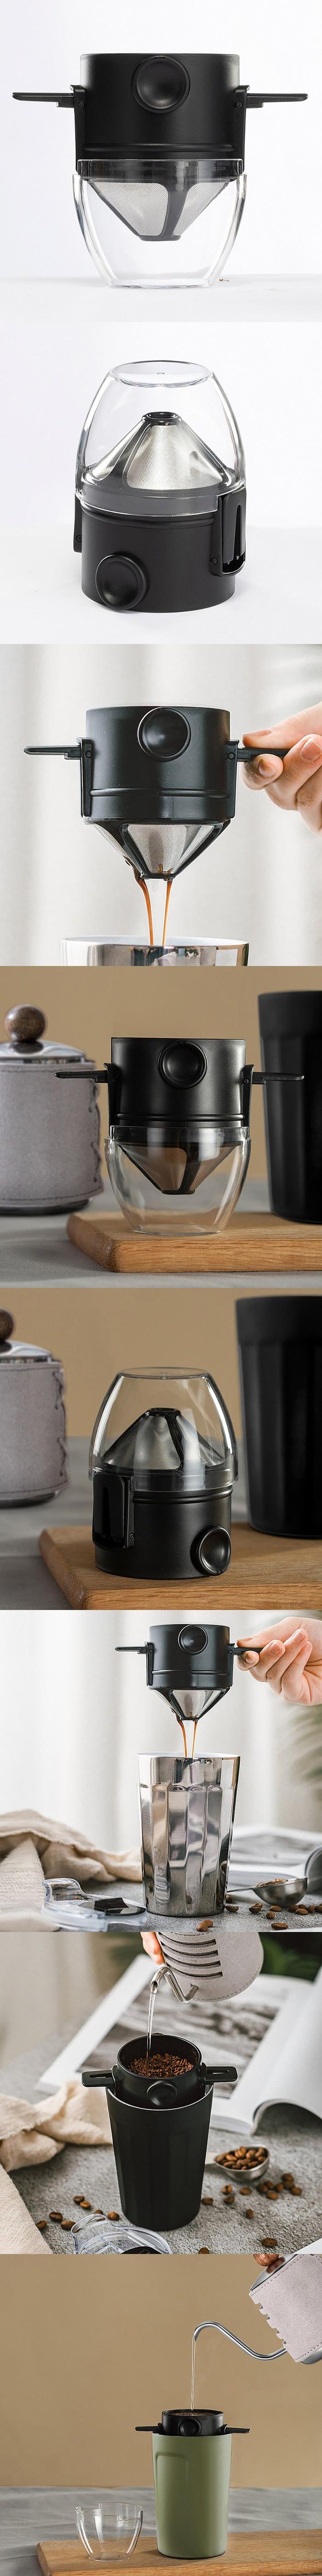 (複製)PO:Selected 丹麥研磨過濾咖啡玻璃杯240ml (藍)